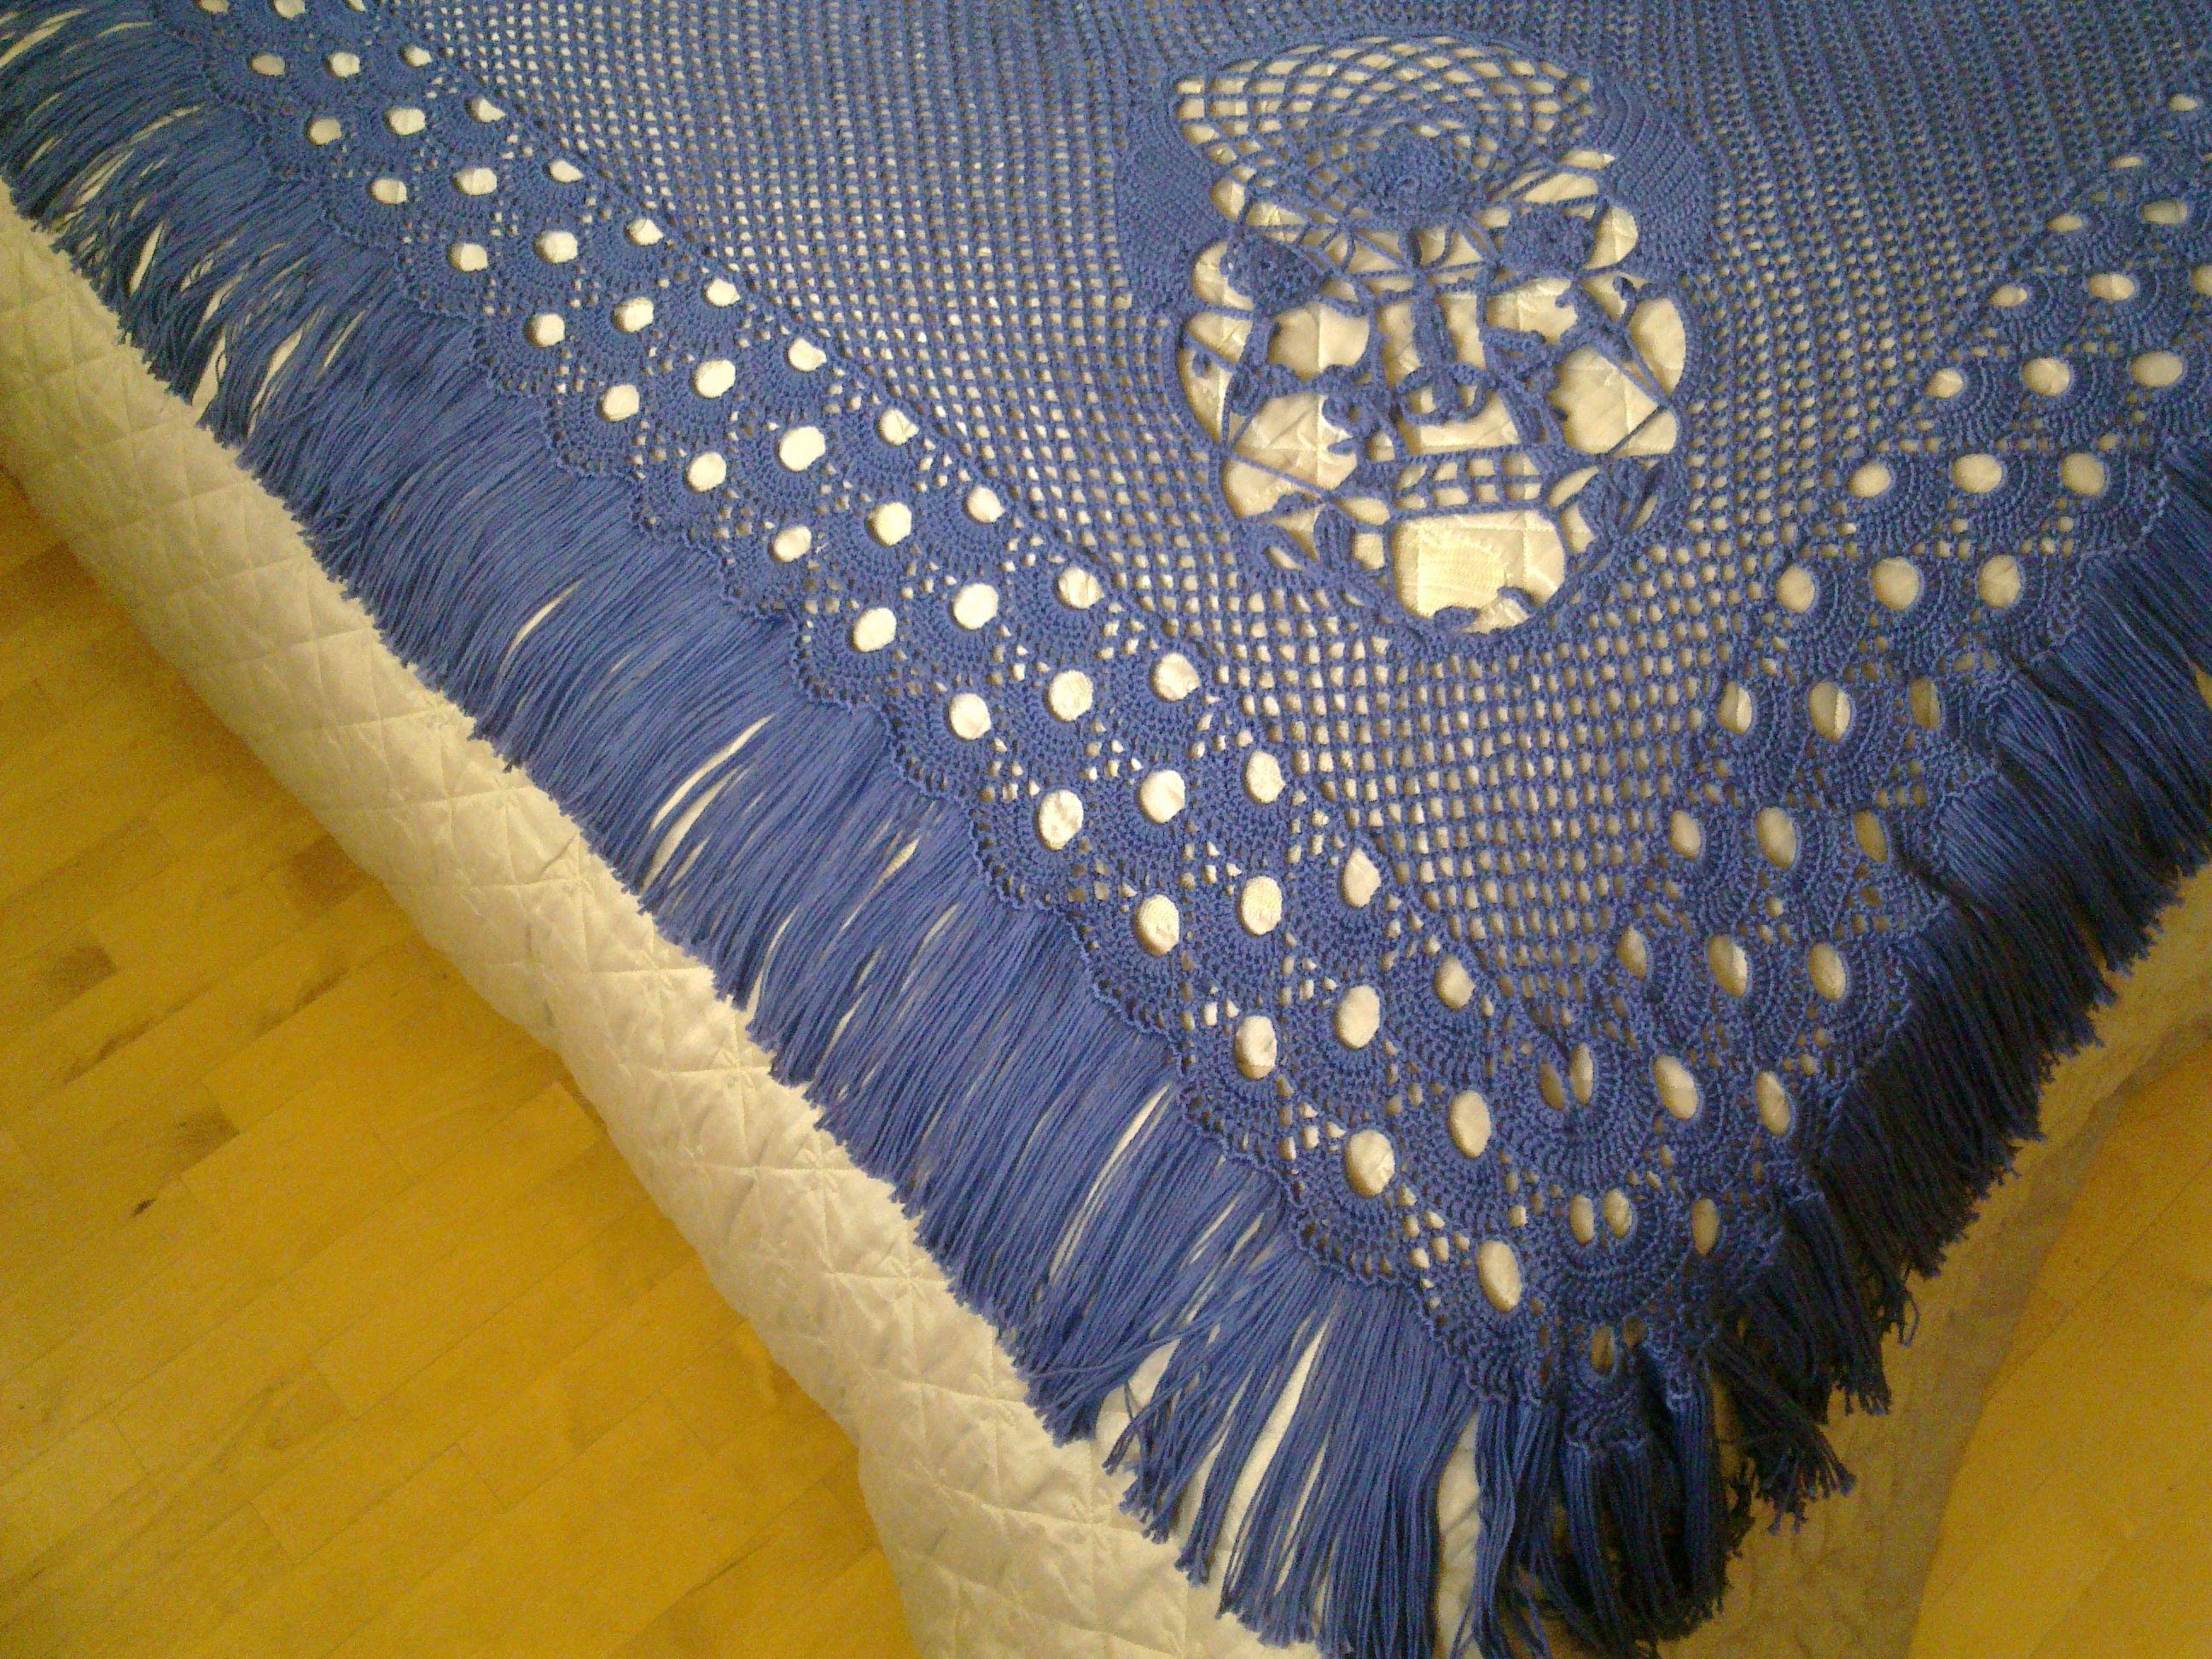 Crochet Pattern For Skull Shawl : crochet skull shawl Crochet Pinterest